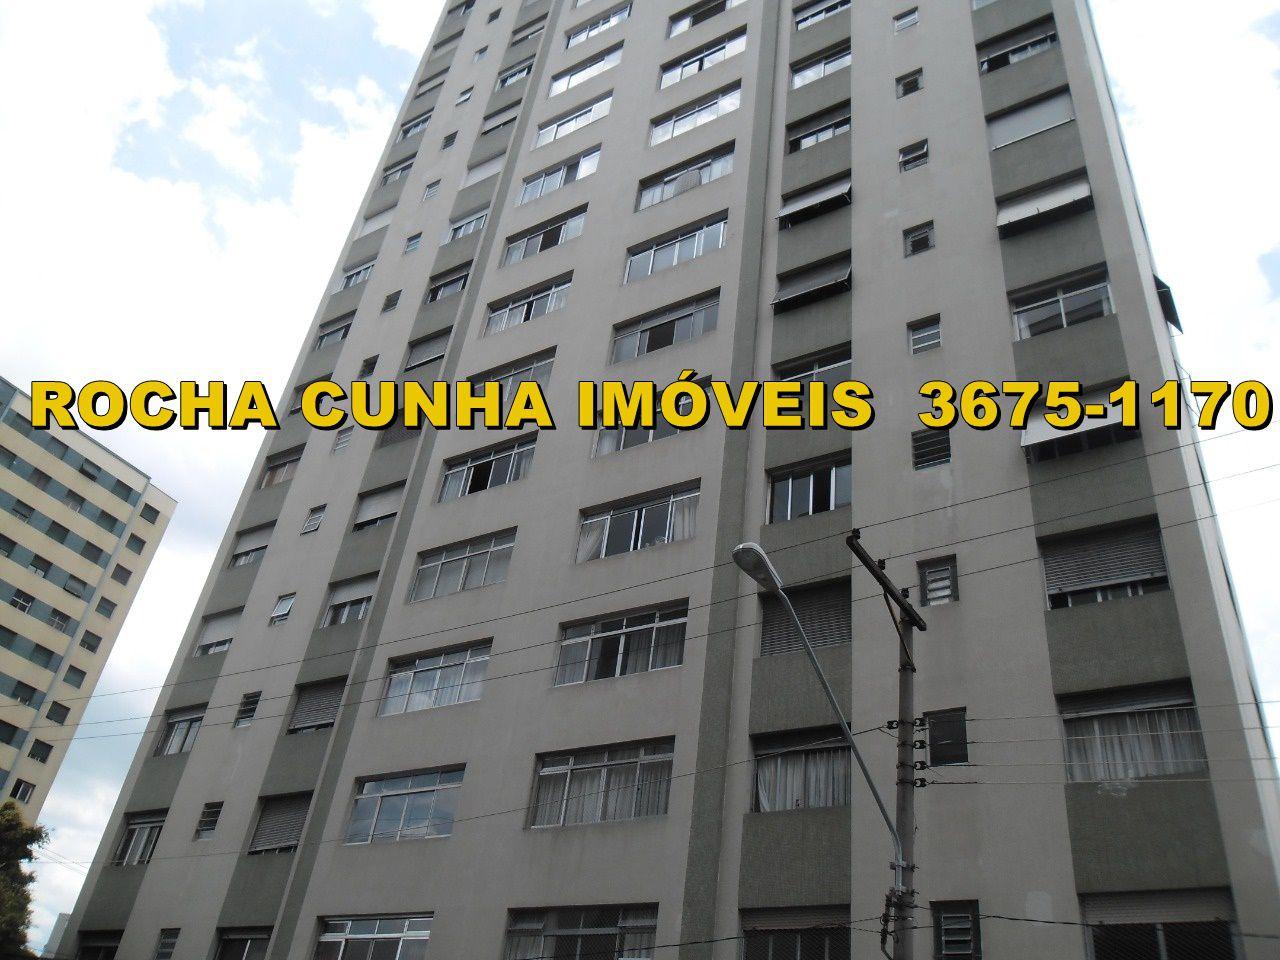 Apartamento Água Branca, São Paulo, SP À Venda, 3 Quartos, 108m² - VENDA0226 - 31